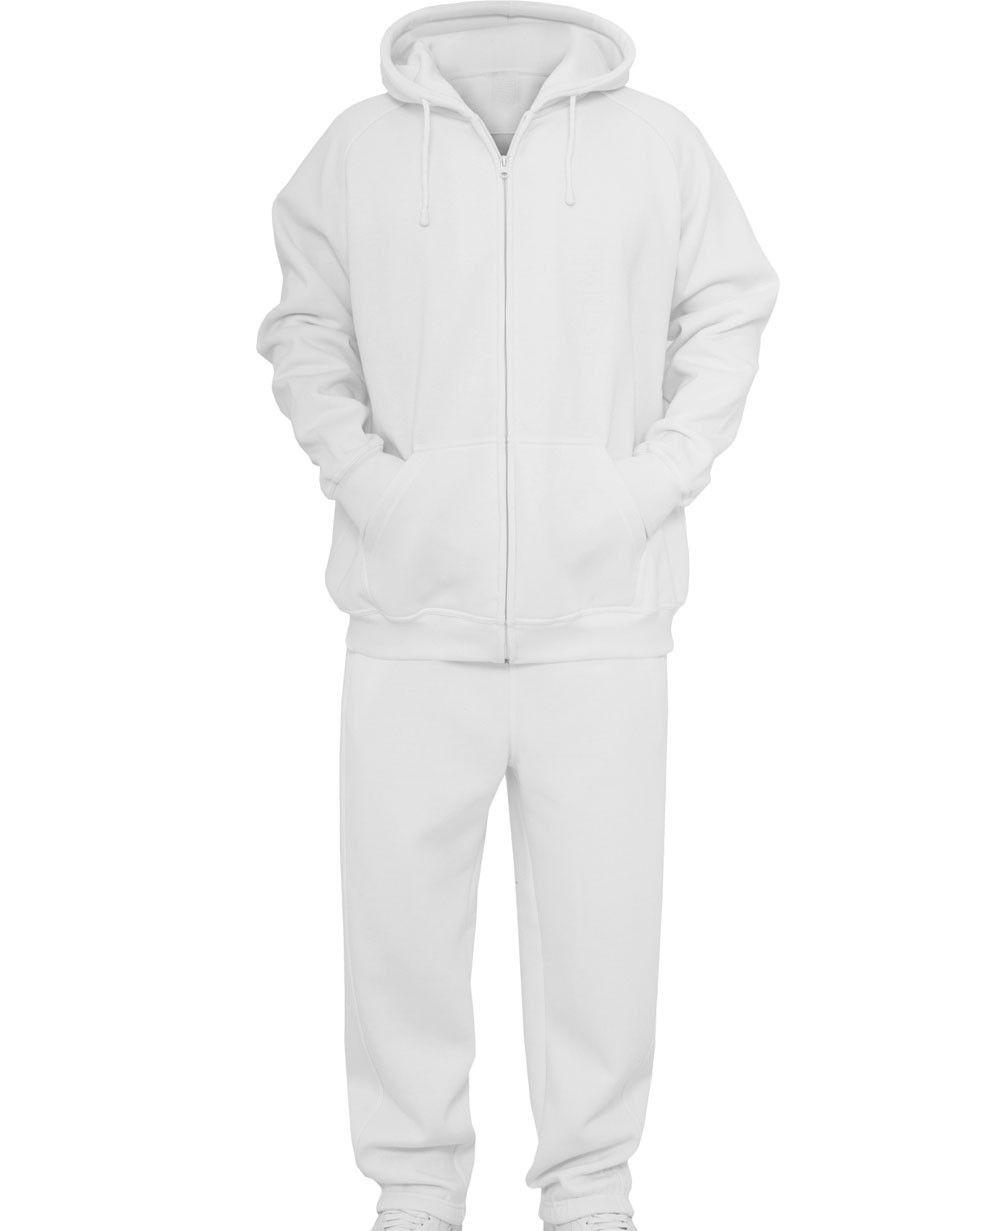 Image result for men zip up sweat suit